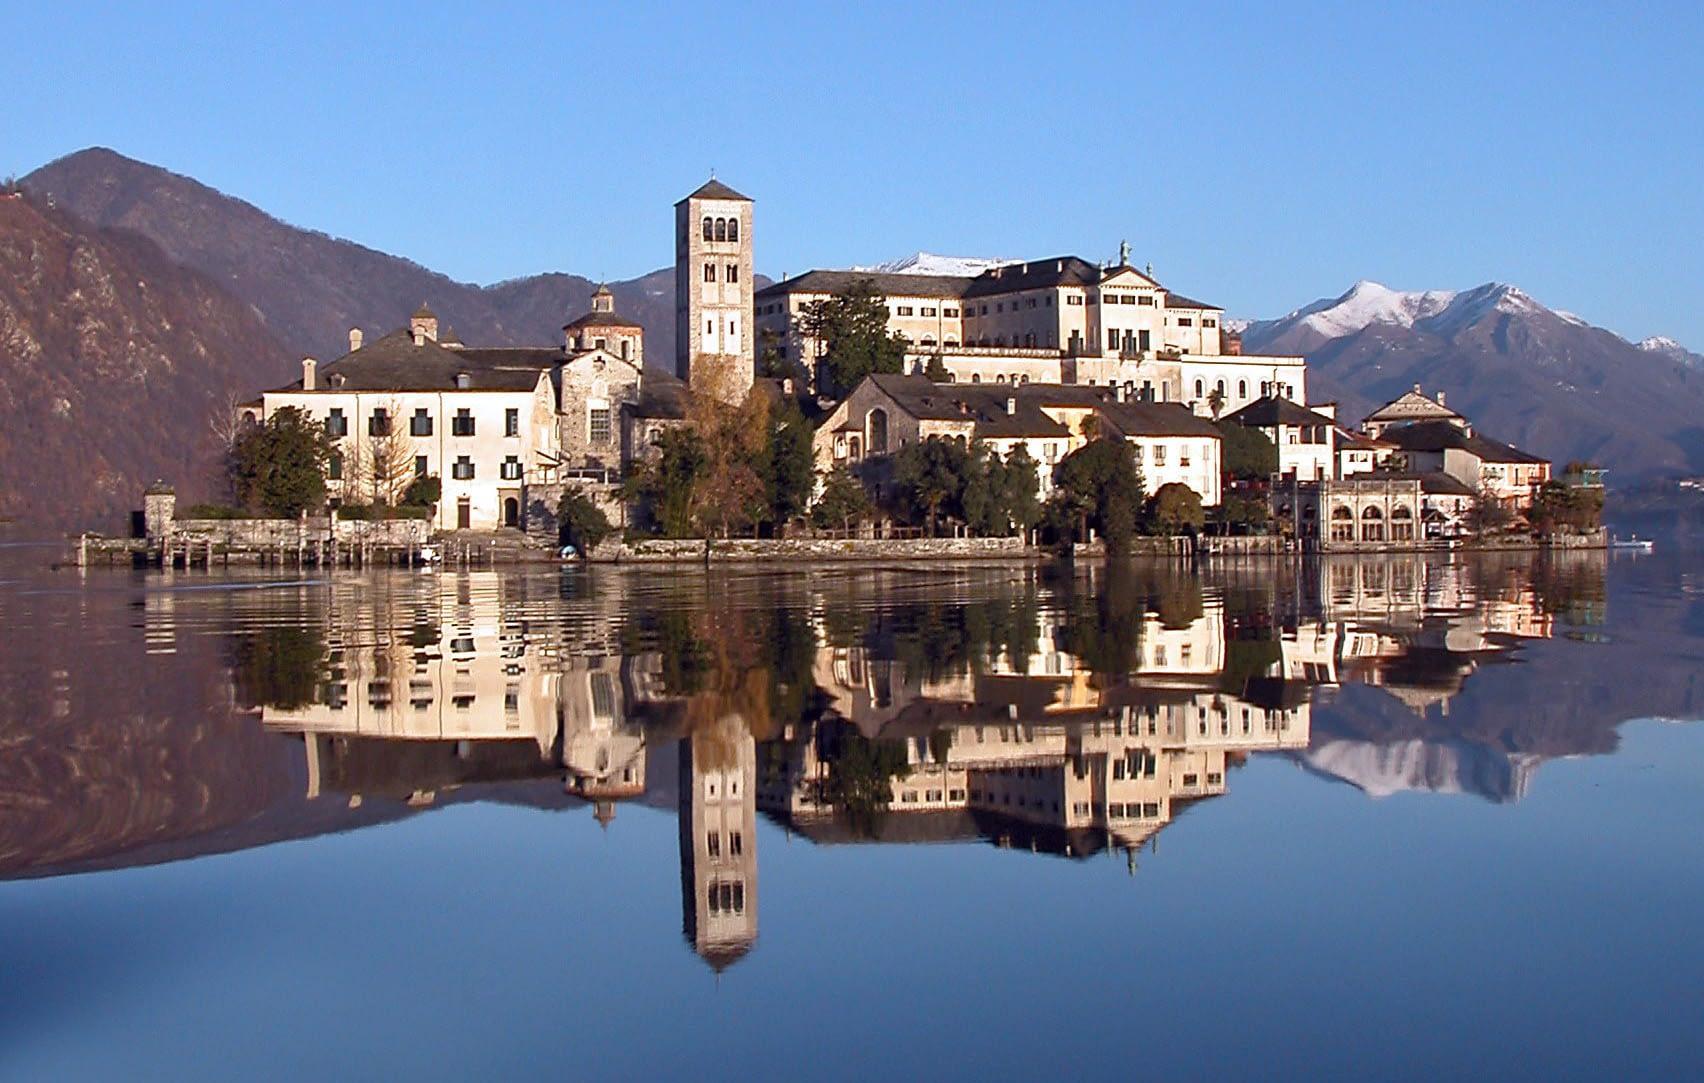 Isola di San Giulio - Lago d'Orta